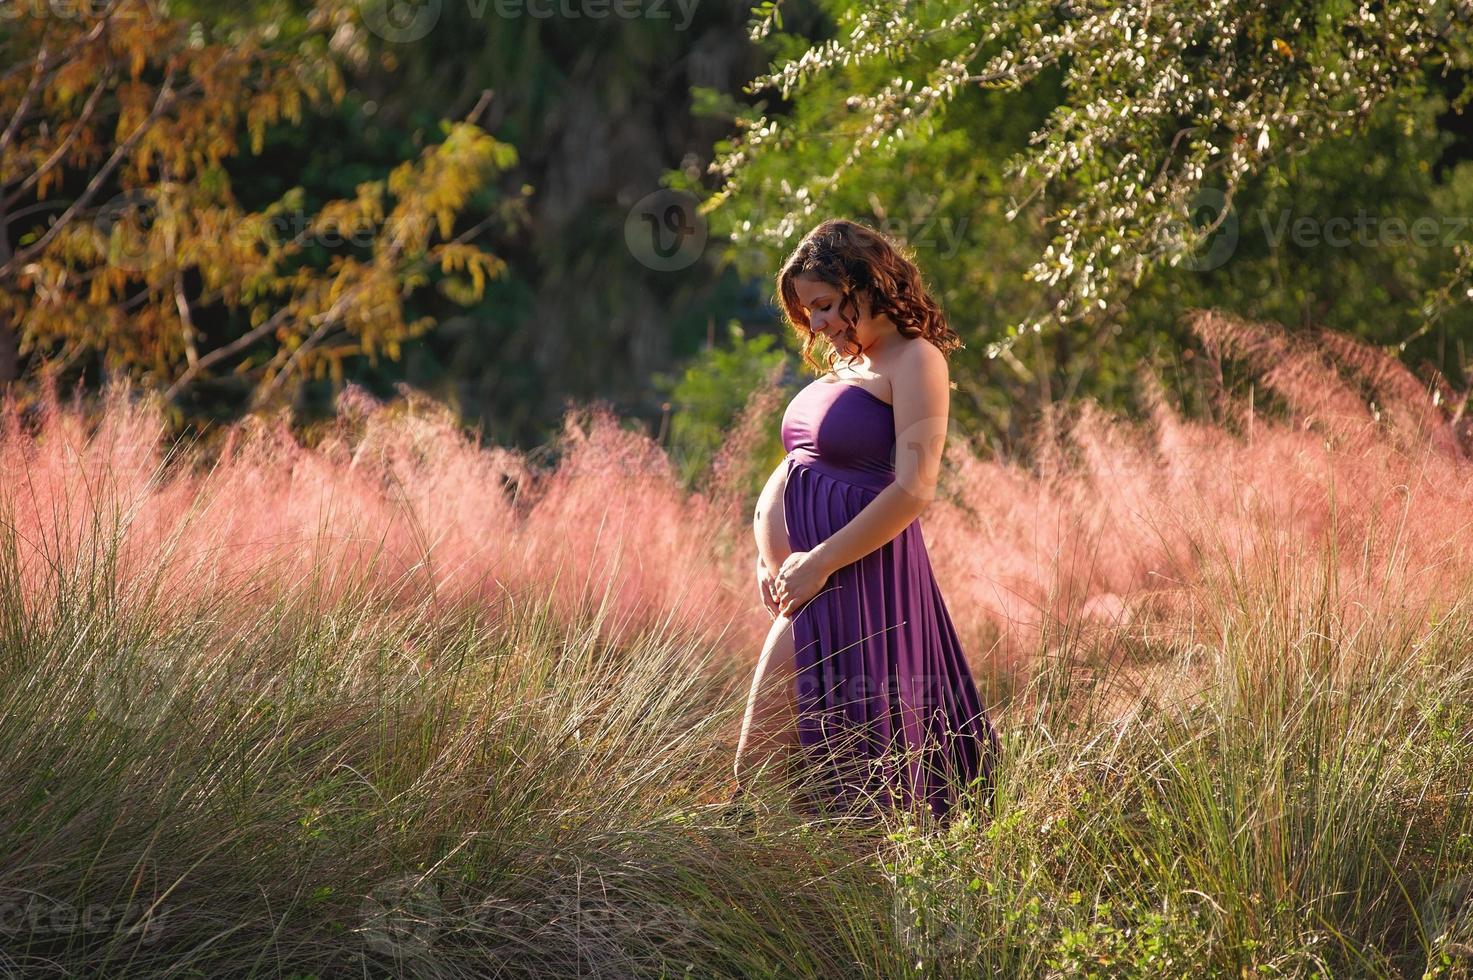 glimlachende zwangere vrouw die zich in kleurrijk gebladerte bevindt foto